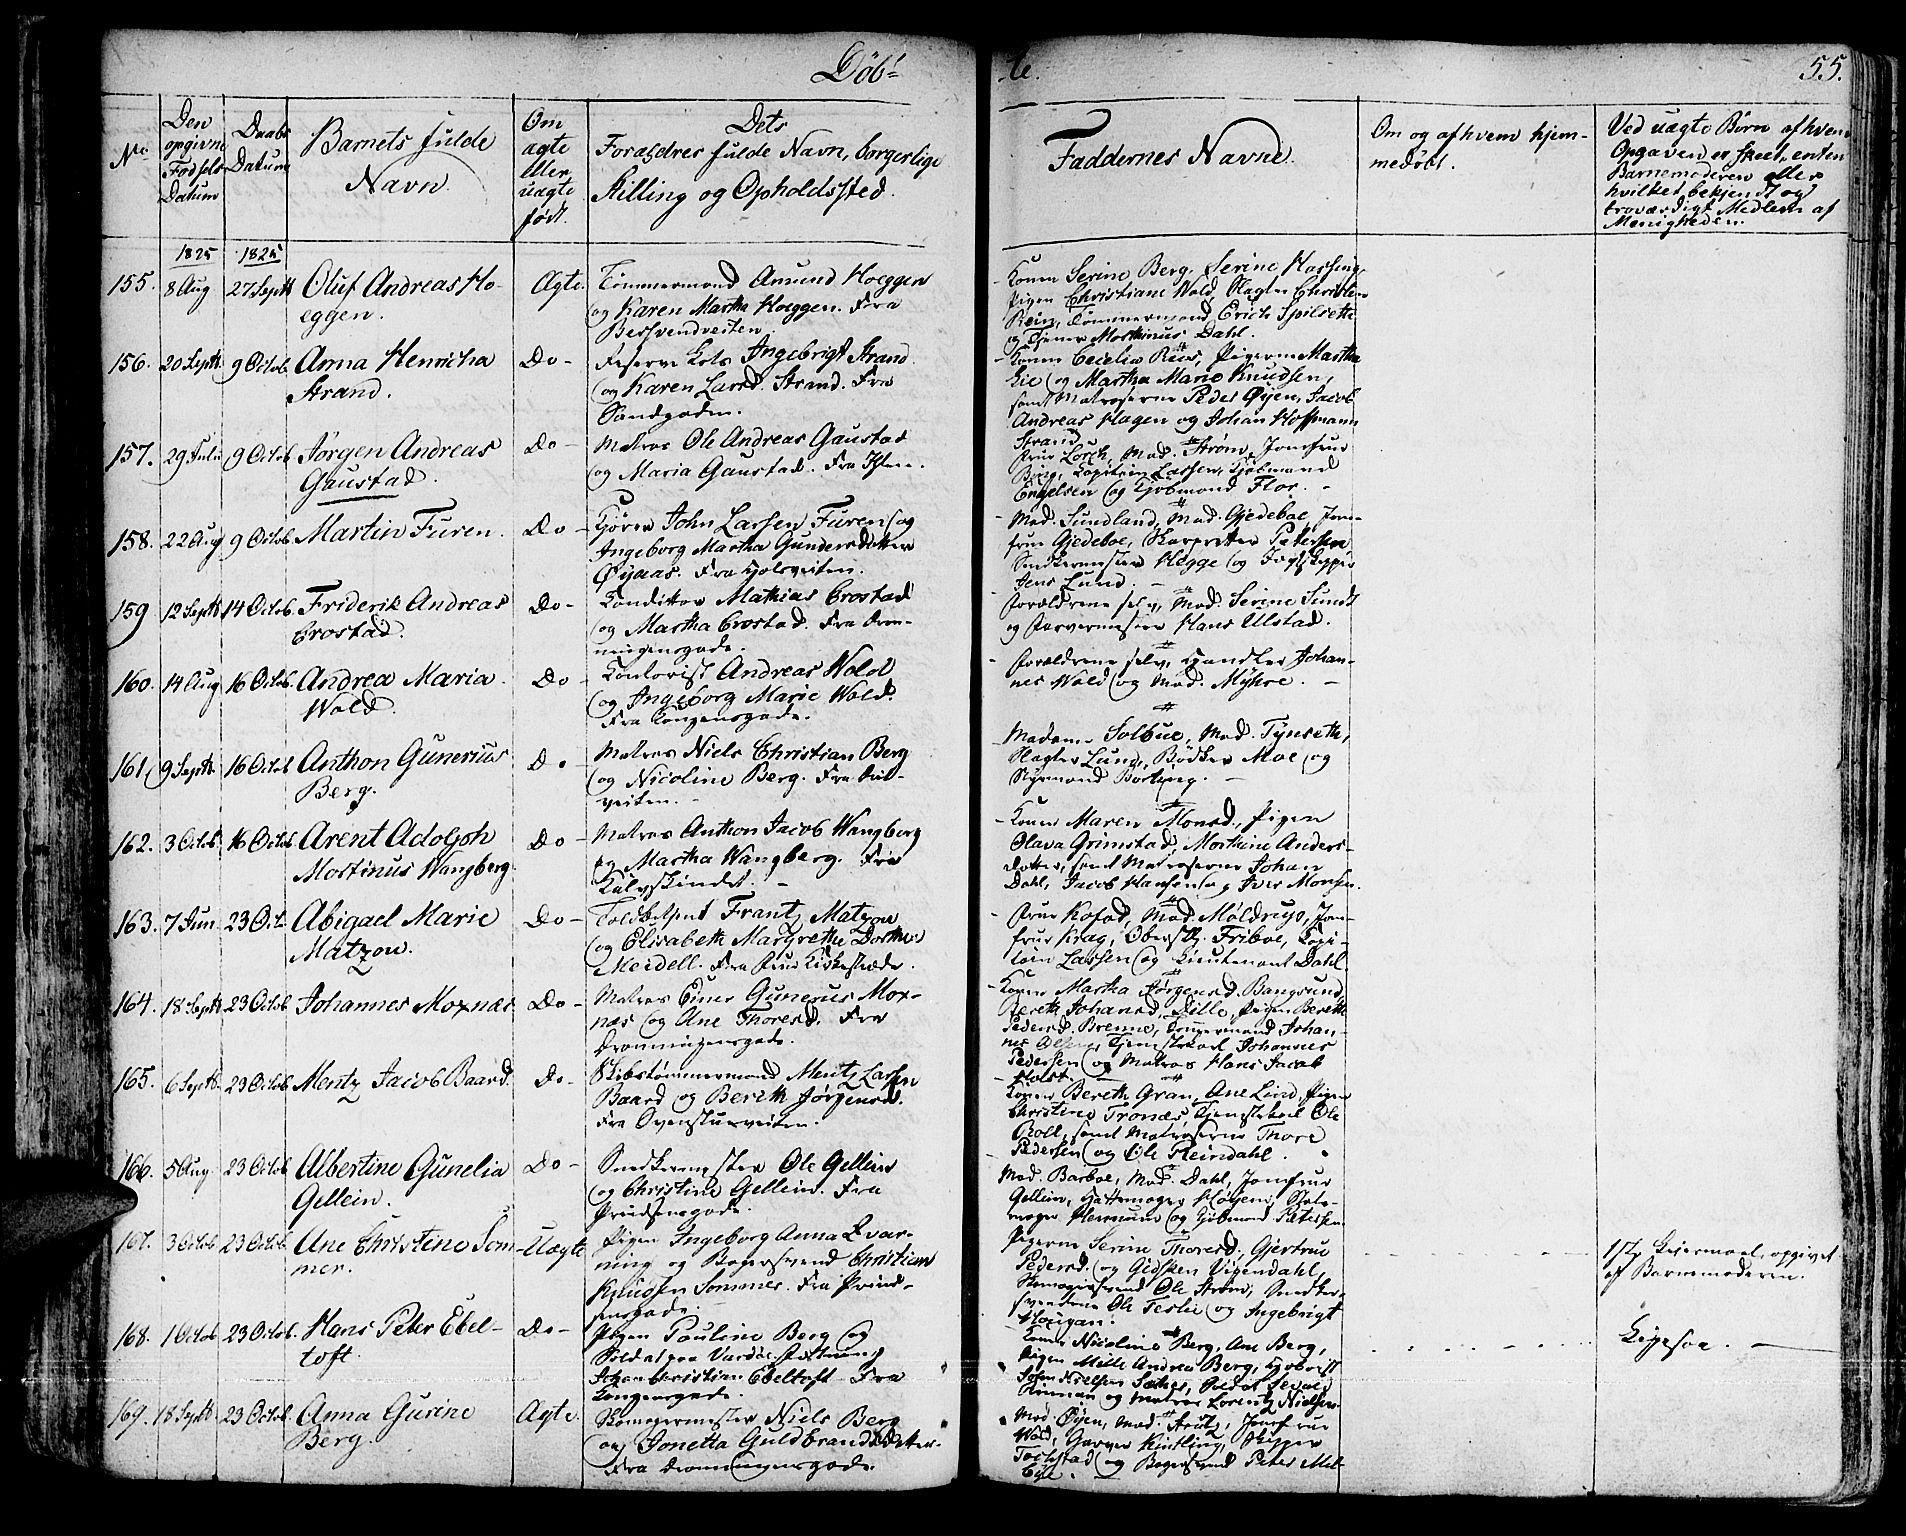 SAT, Ministerialprotokoller, klokkerbøker og fødselsregistre - Sør-Trøndelag, 601/L0045: Ministerialbok nr. 601A13, 1821-1831, s. 55